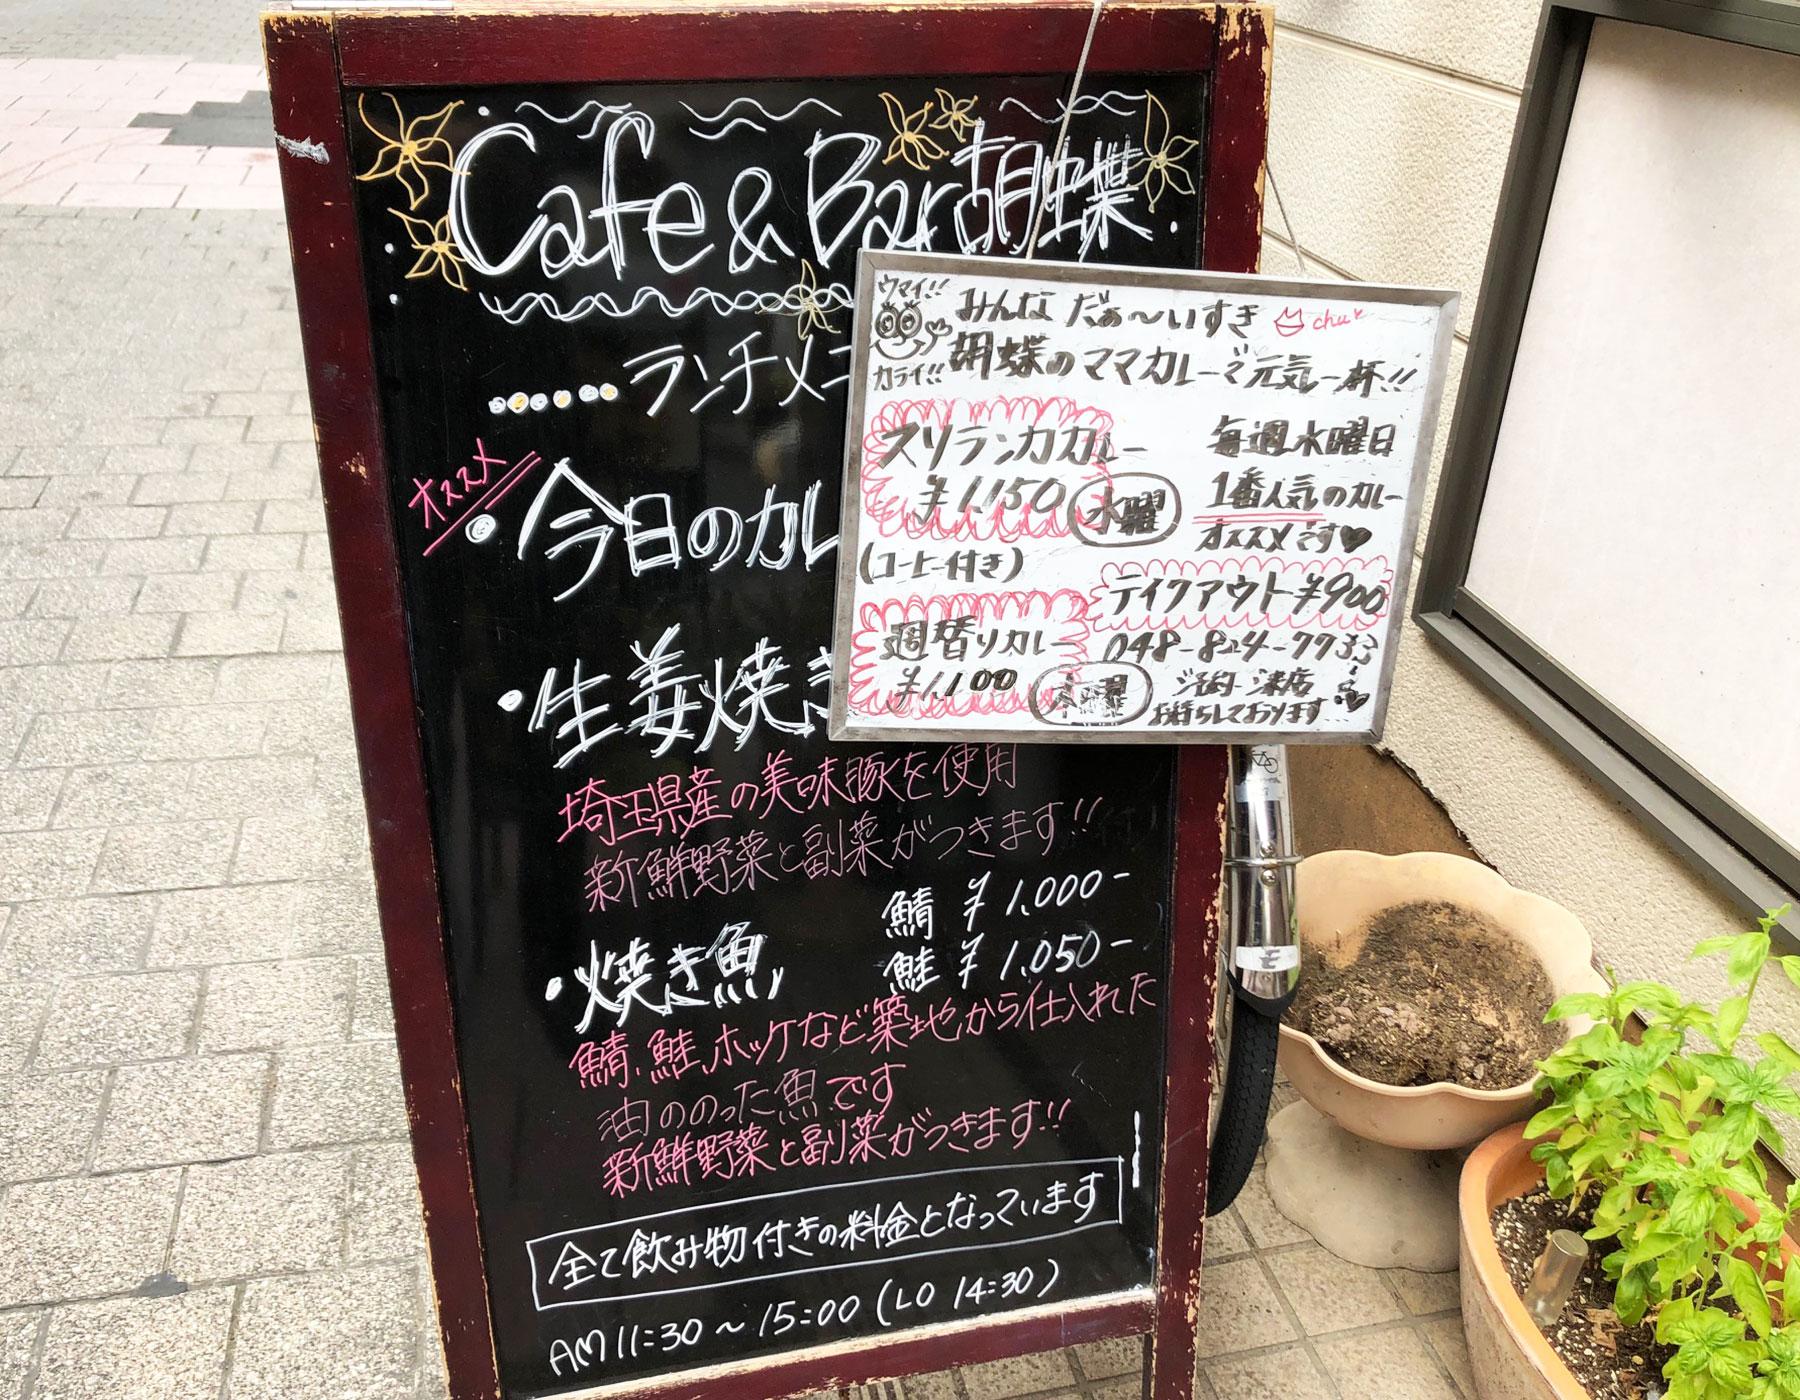 浦和西口・Cafe&Bar胡蝶